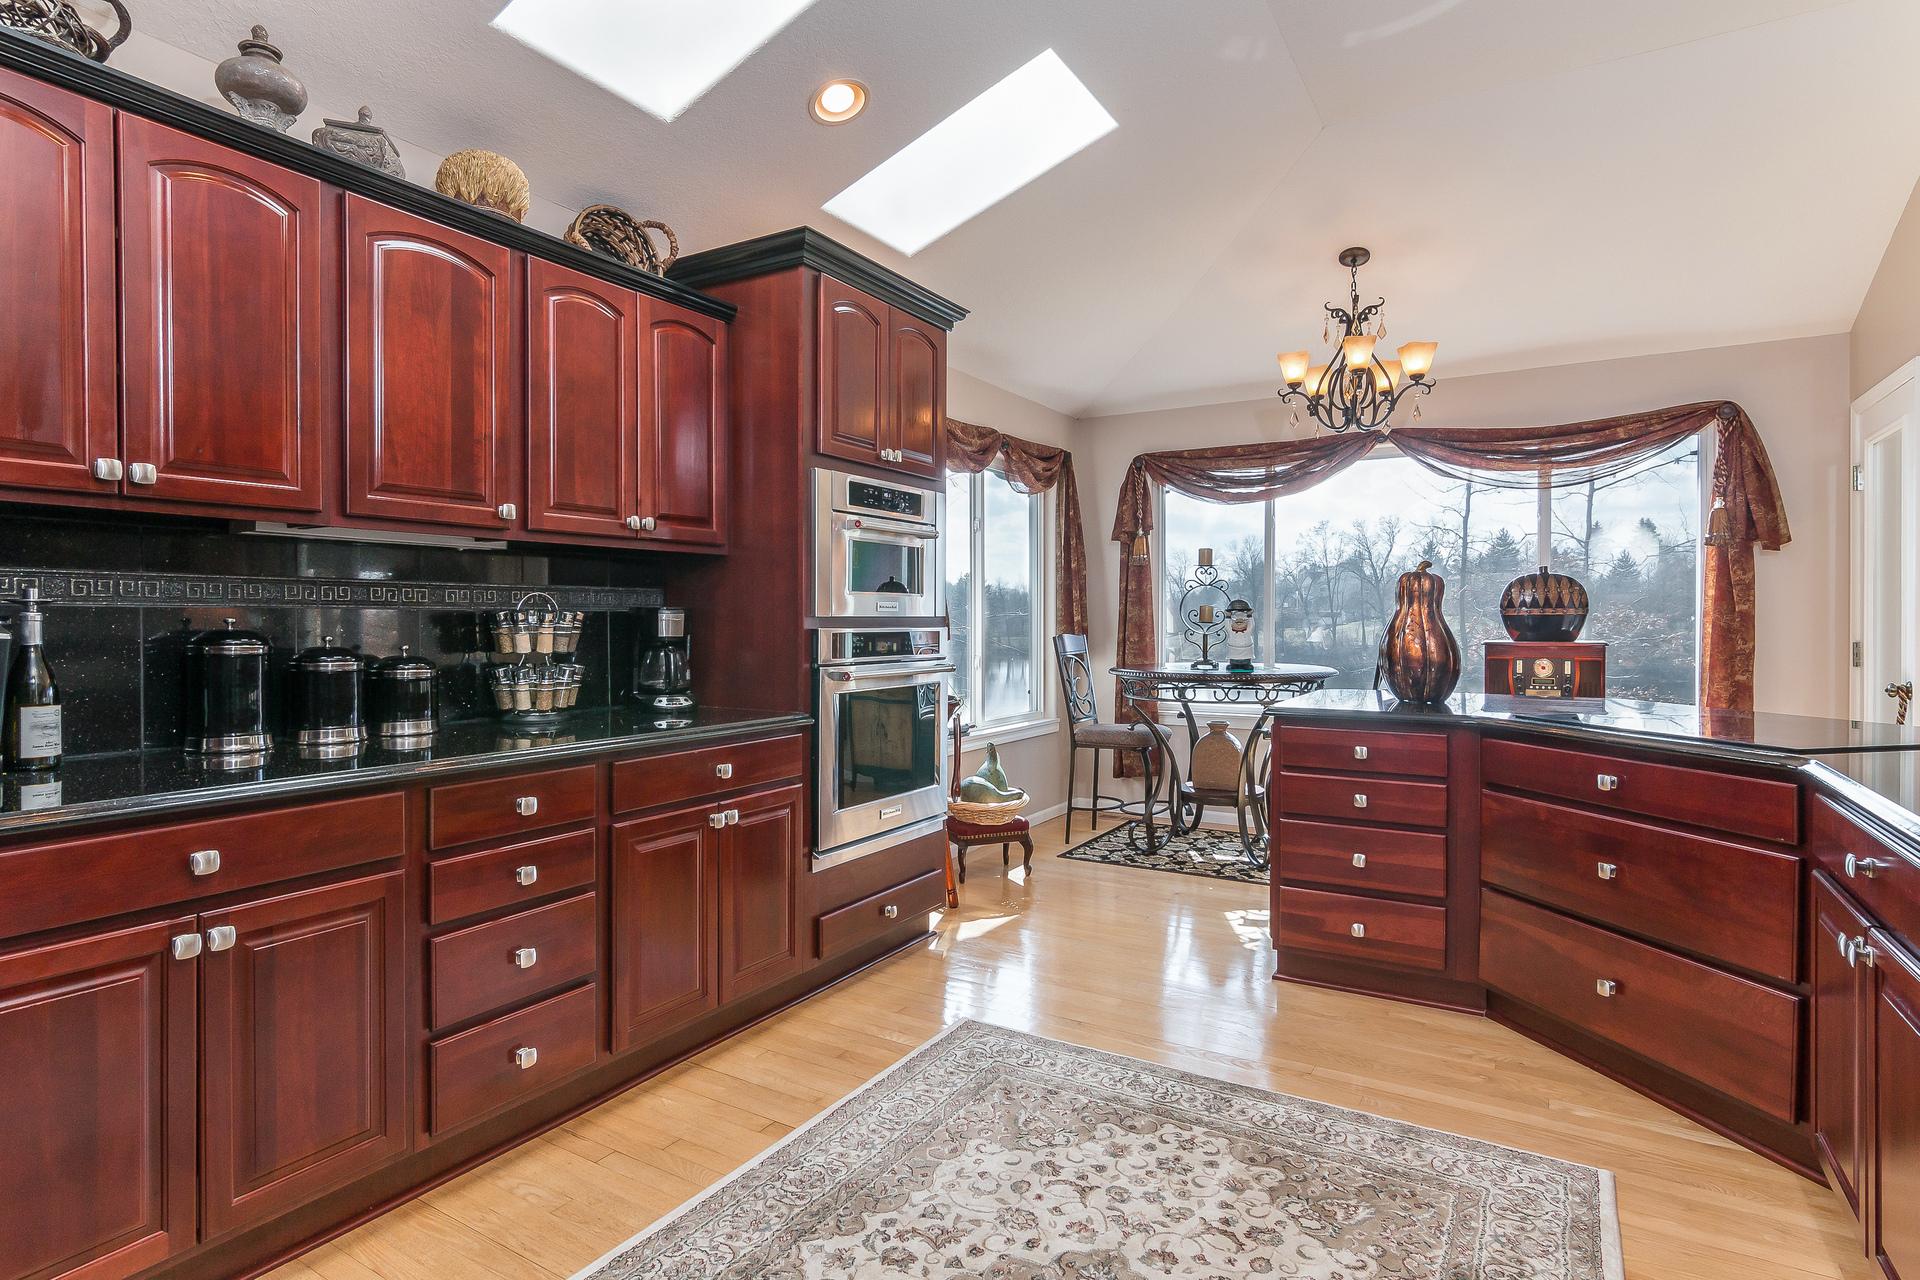 014-Kitchen-3764329-medium.jpg